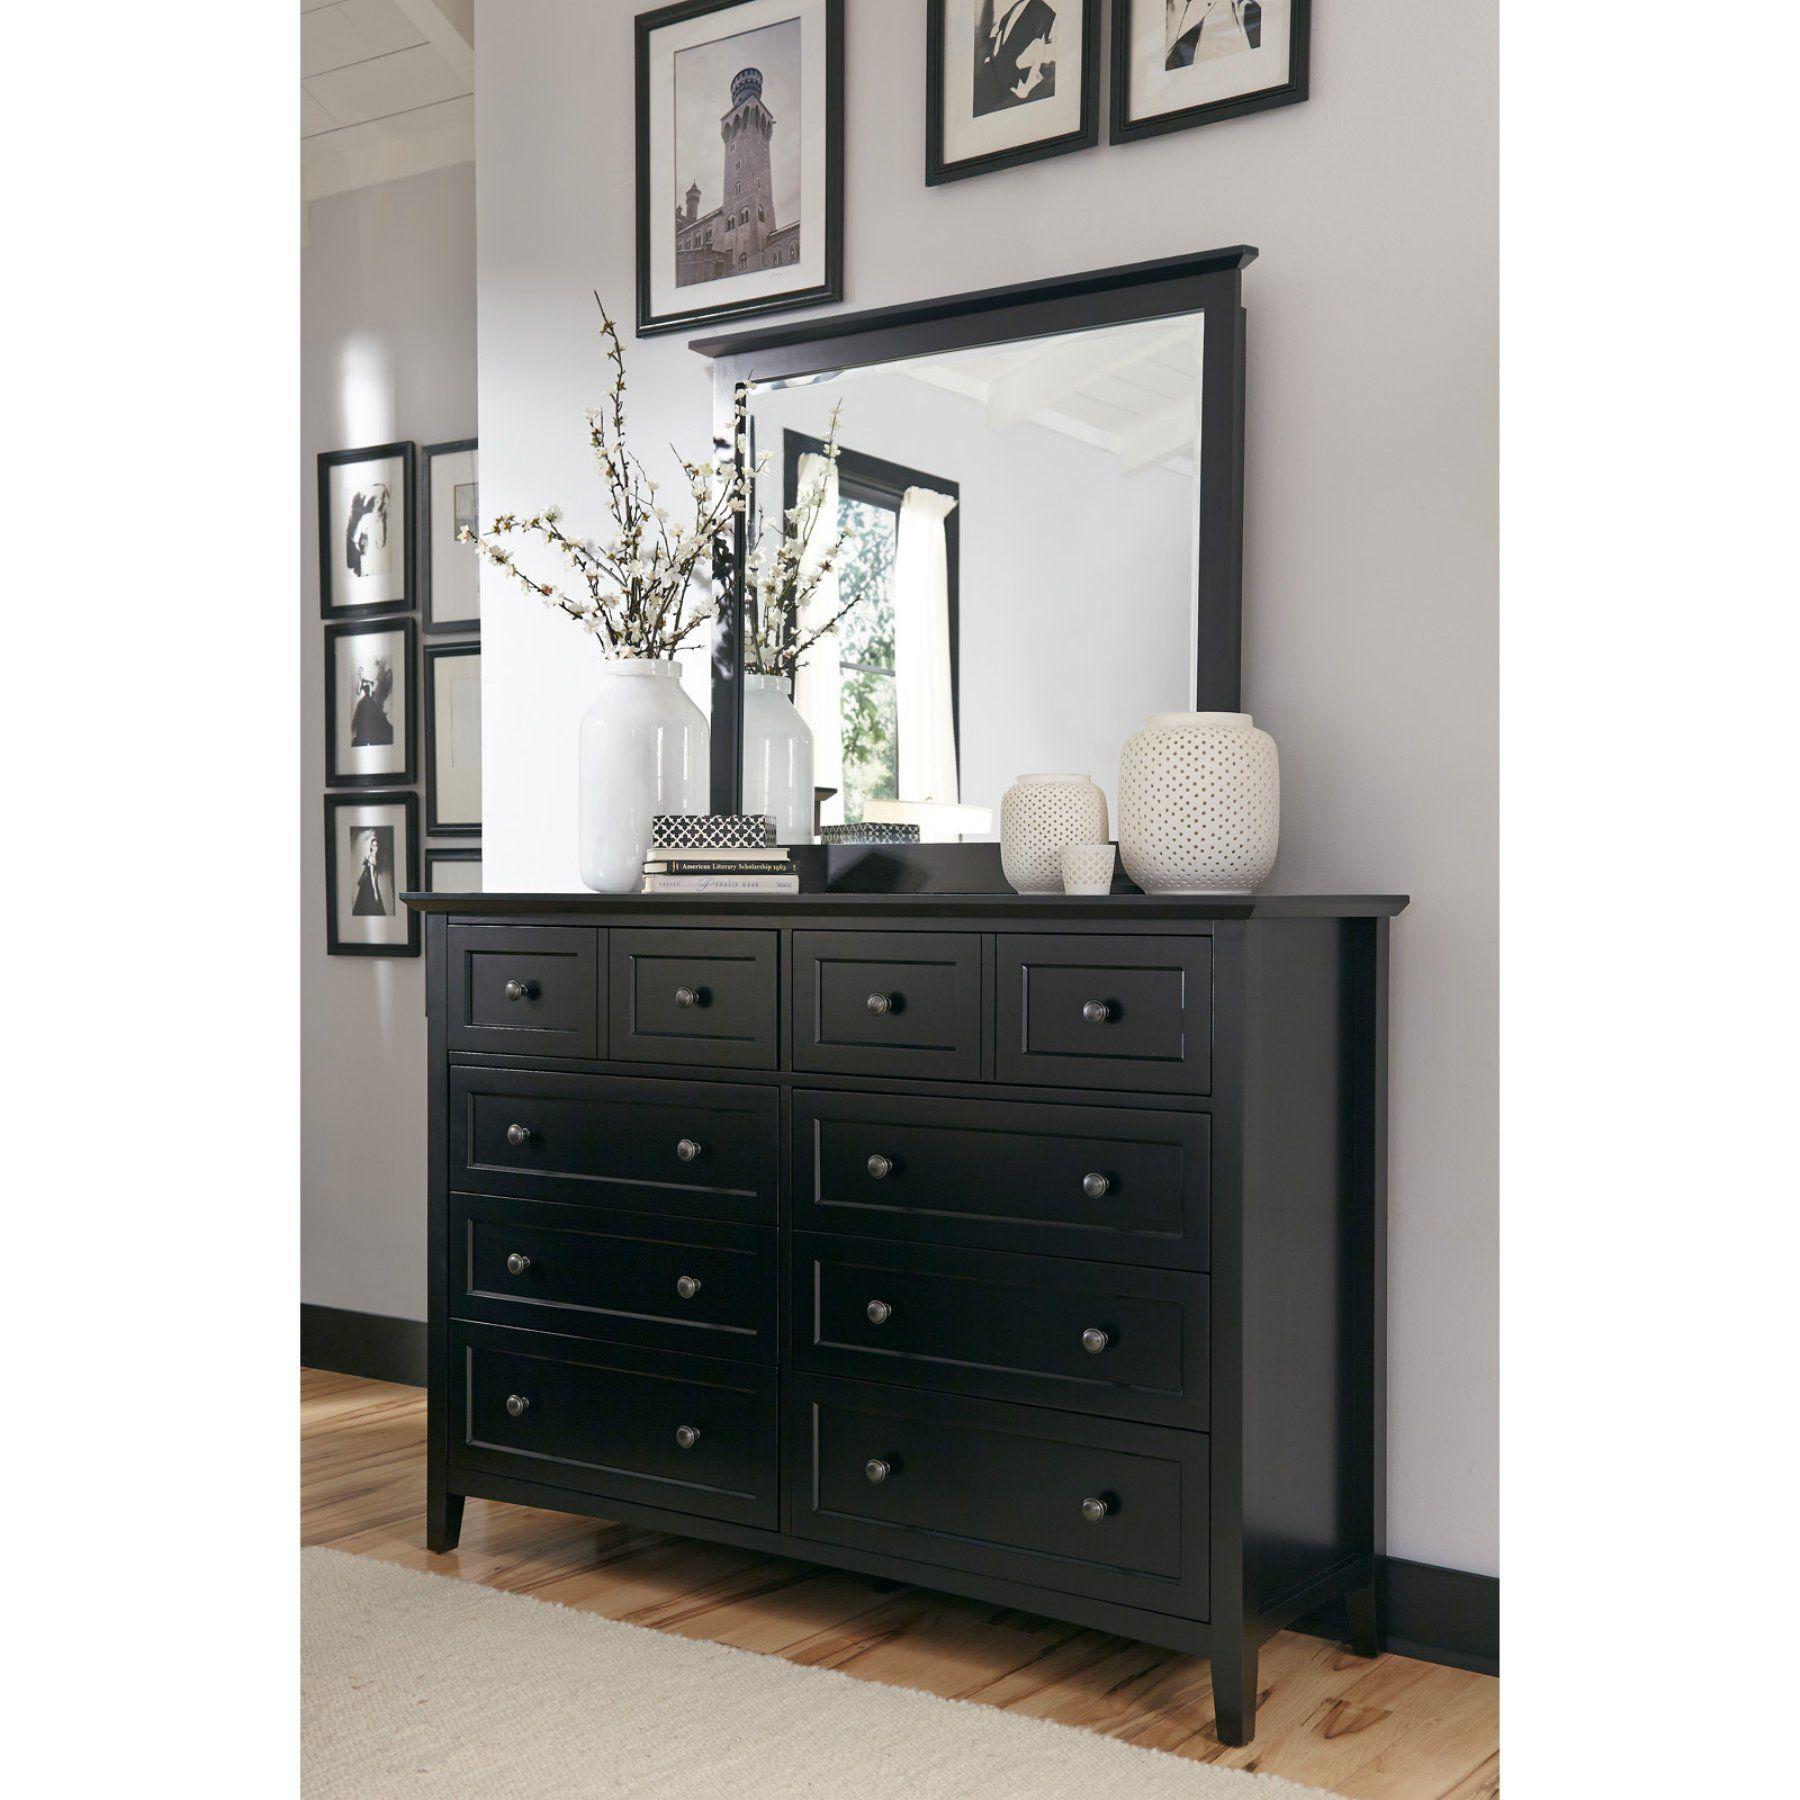 Modus Paragon 8 Drawer Dresser With Optional Mirror Dresser Decor Bedroom Black Bedroom Furniture Furniture [ 1800 x 1800 Pixel ]